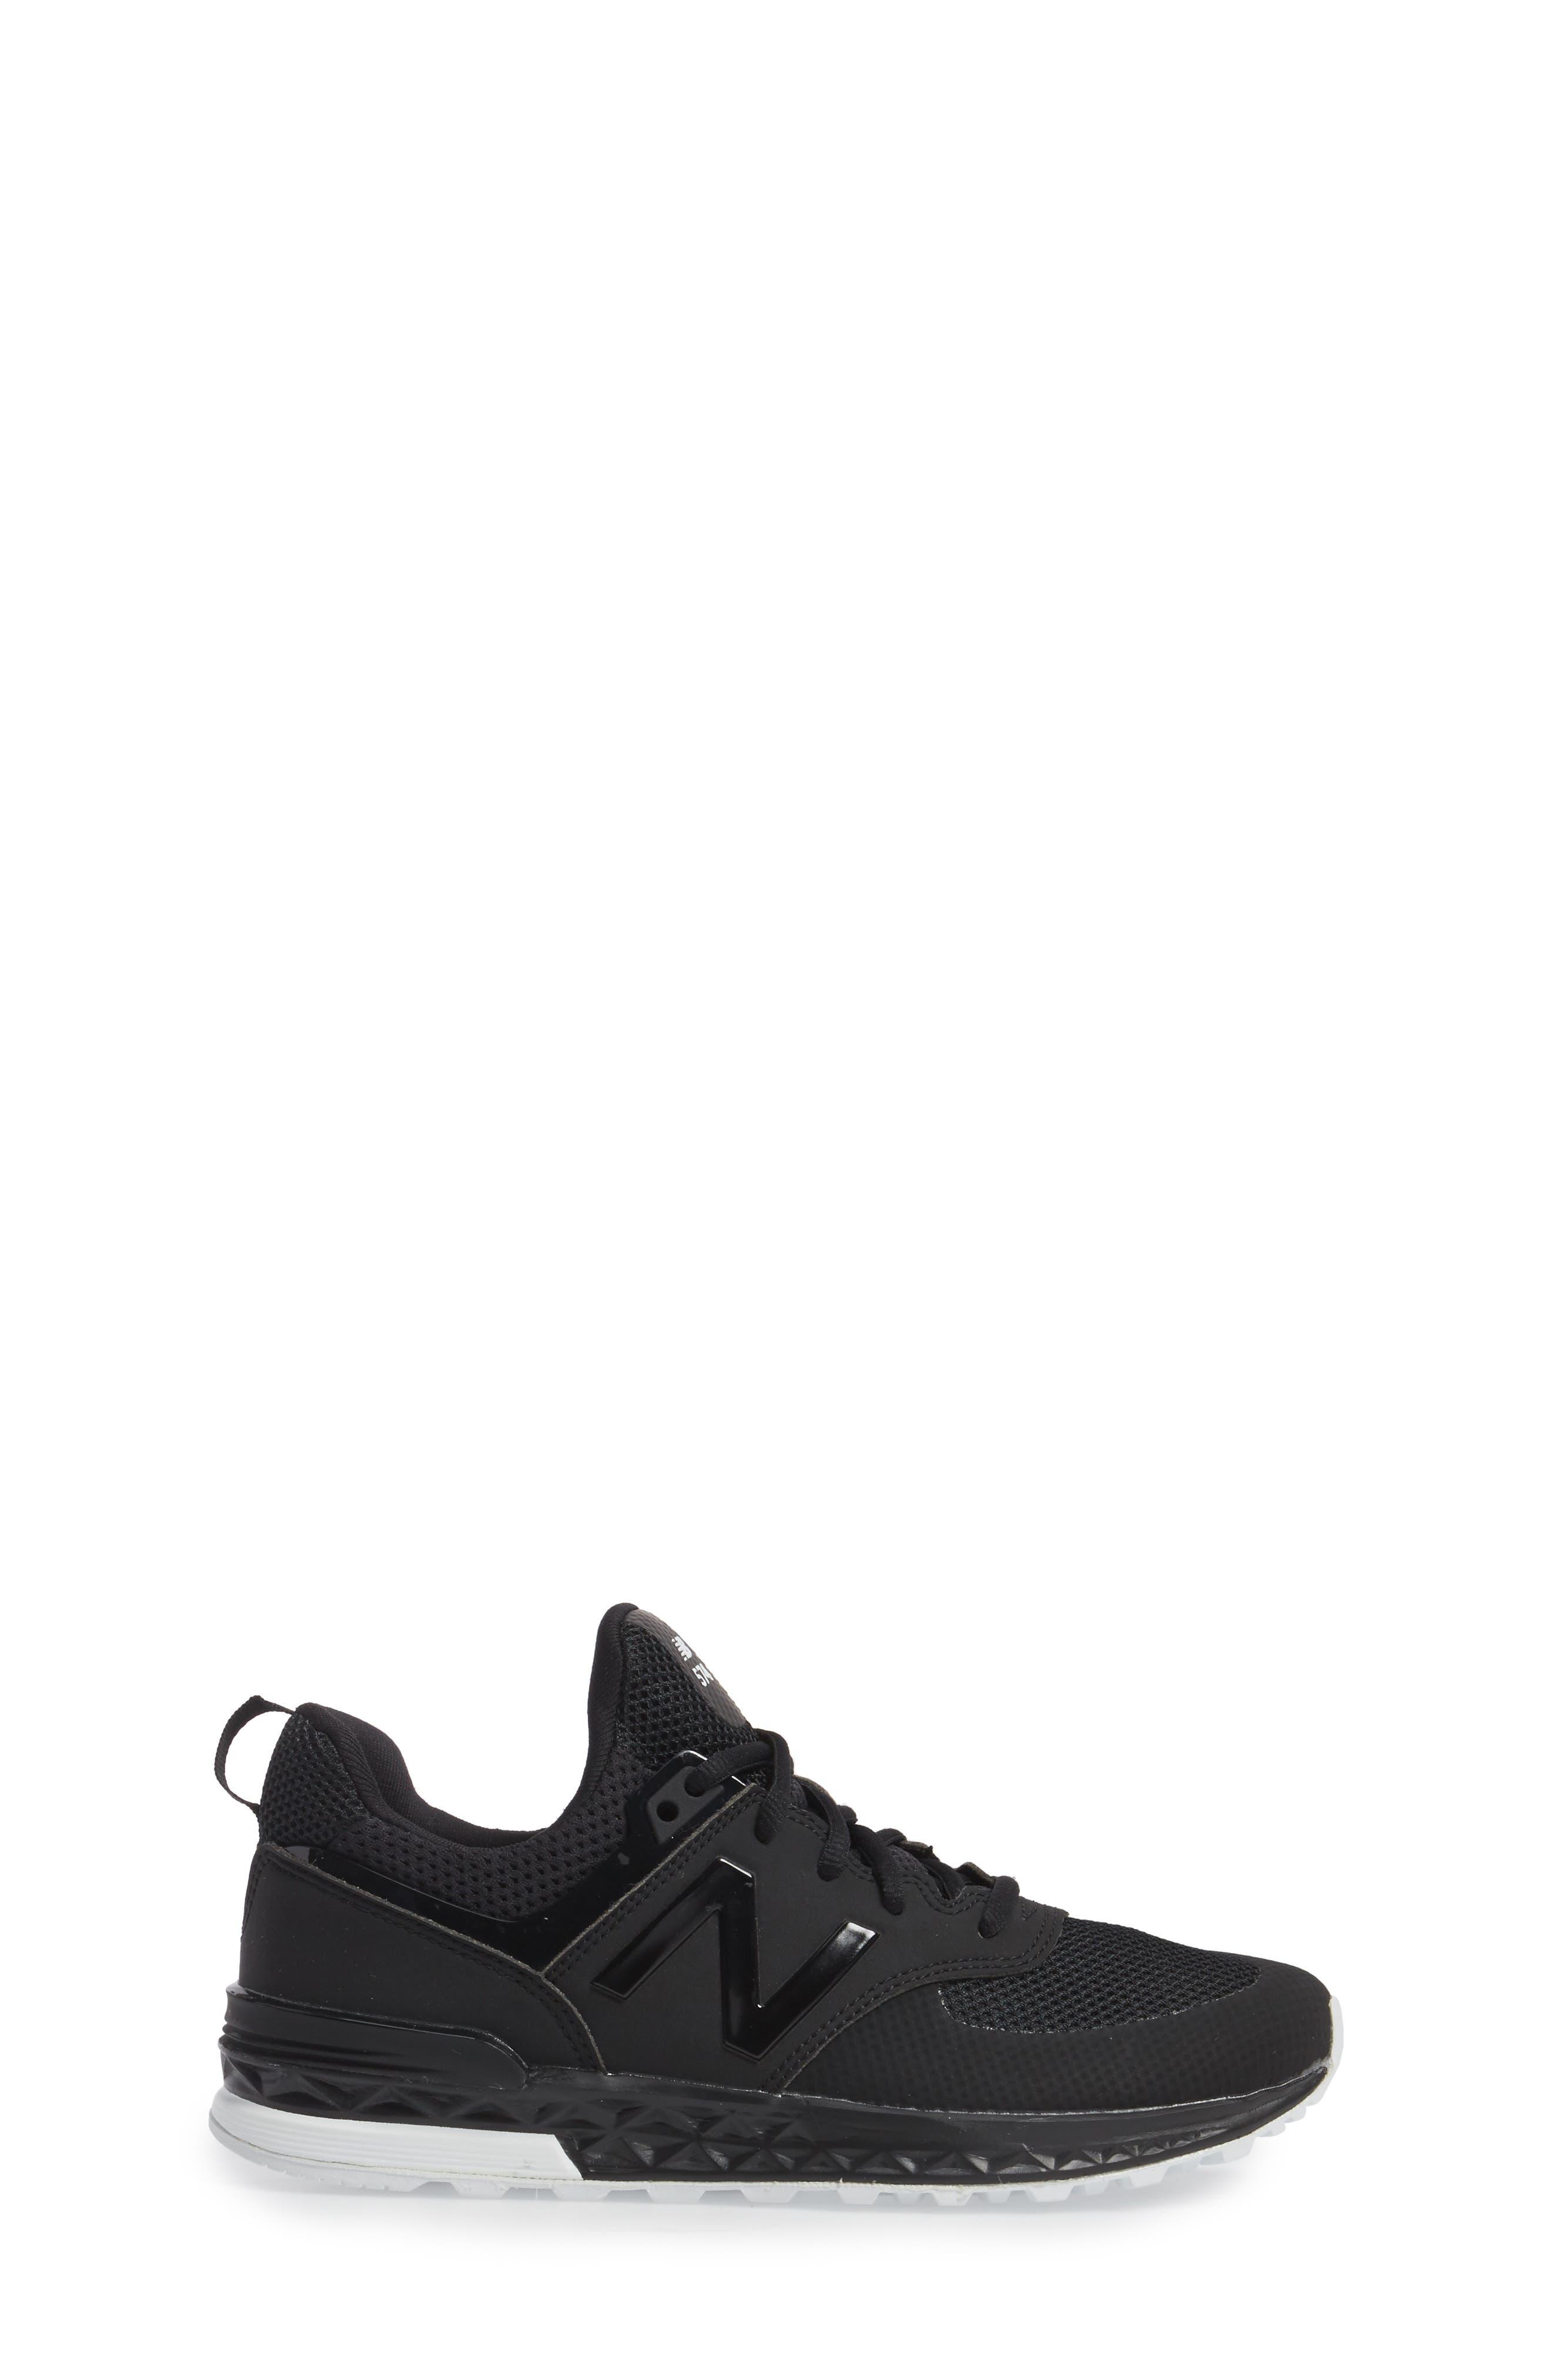 574 Sport Sneaker,                             Alternate thumbnail 3, color,                             Black